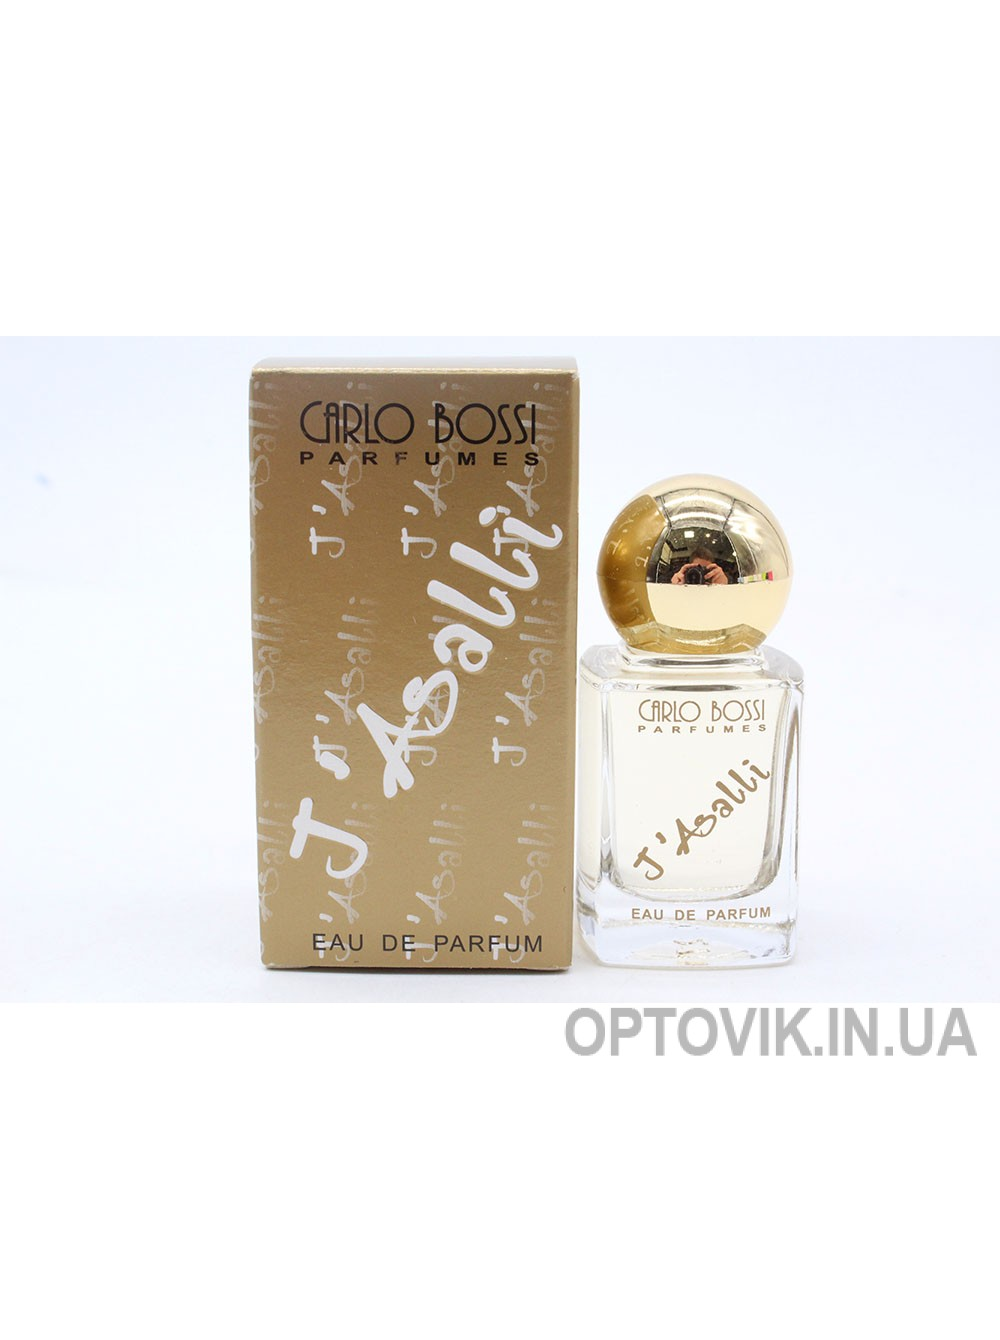 Женский парфюм тестер: CB-106089 10мл